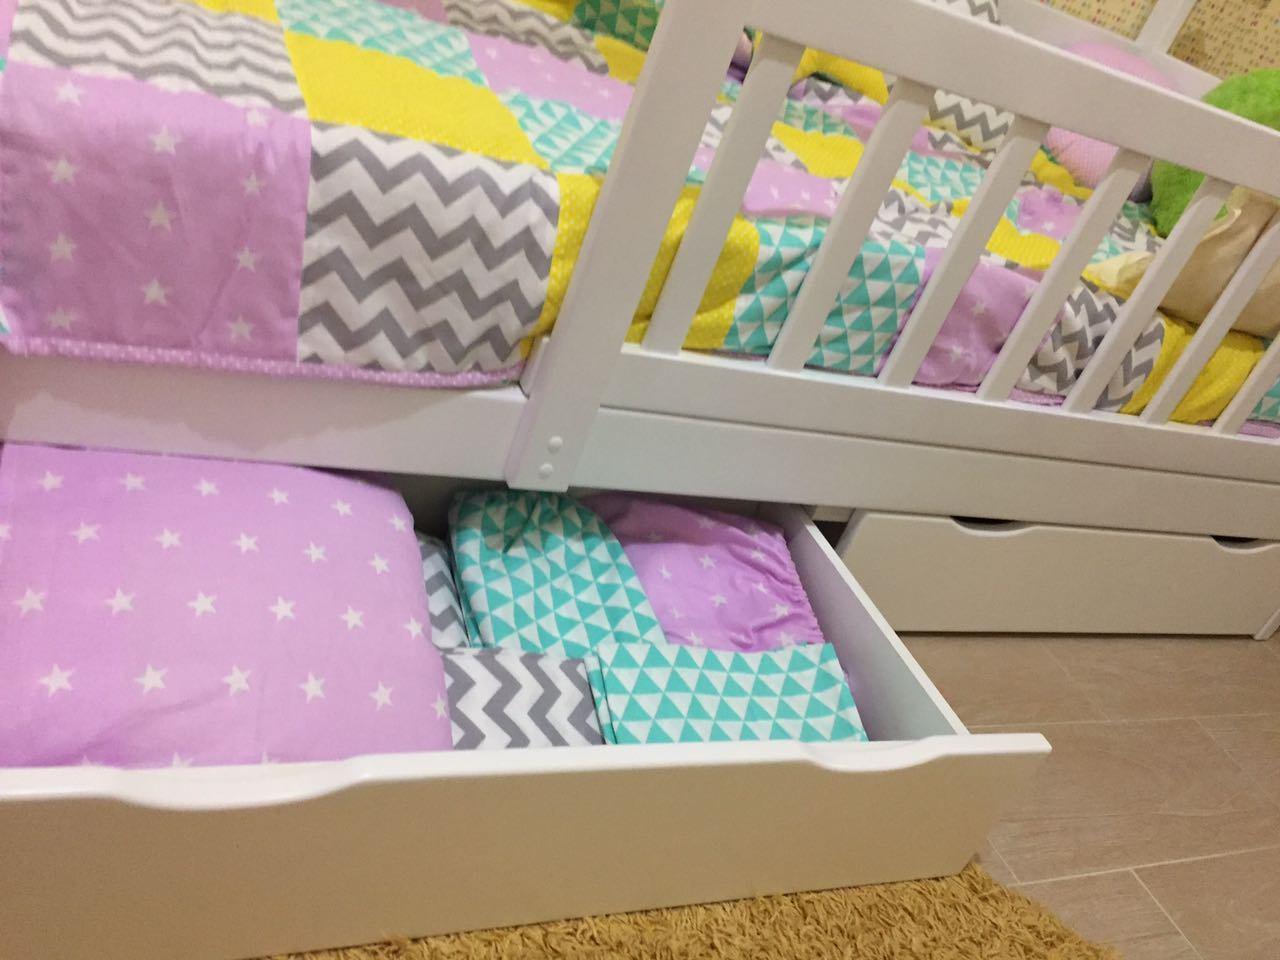 Кровать домик детская Санкт-Петербург